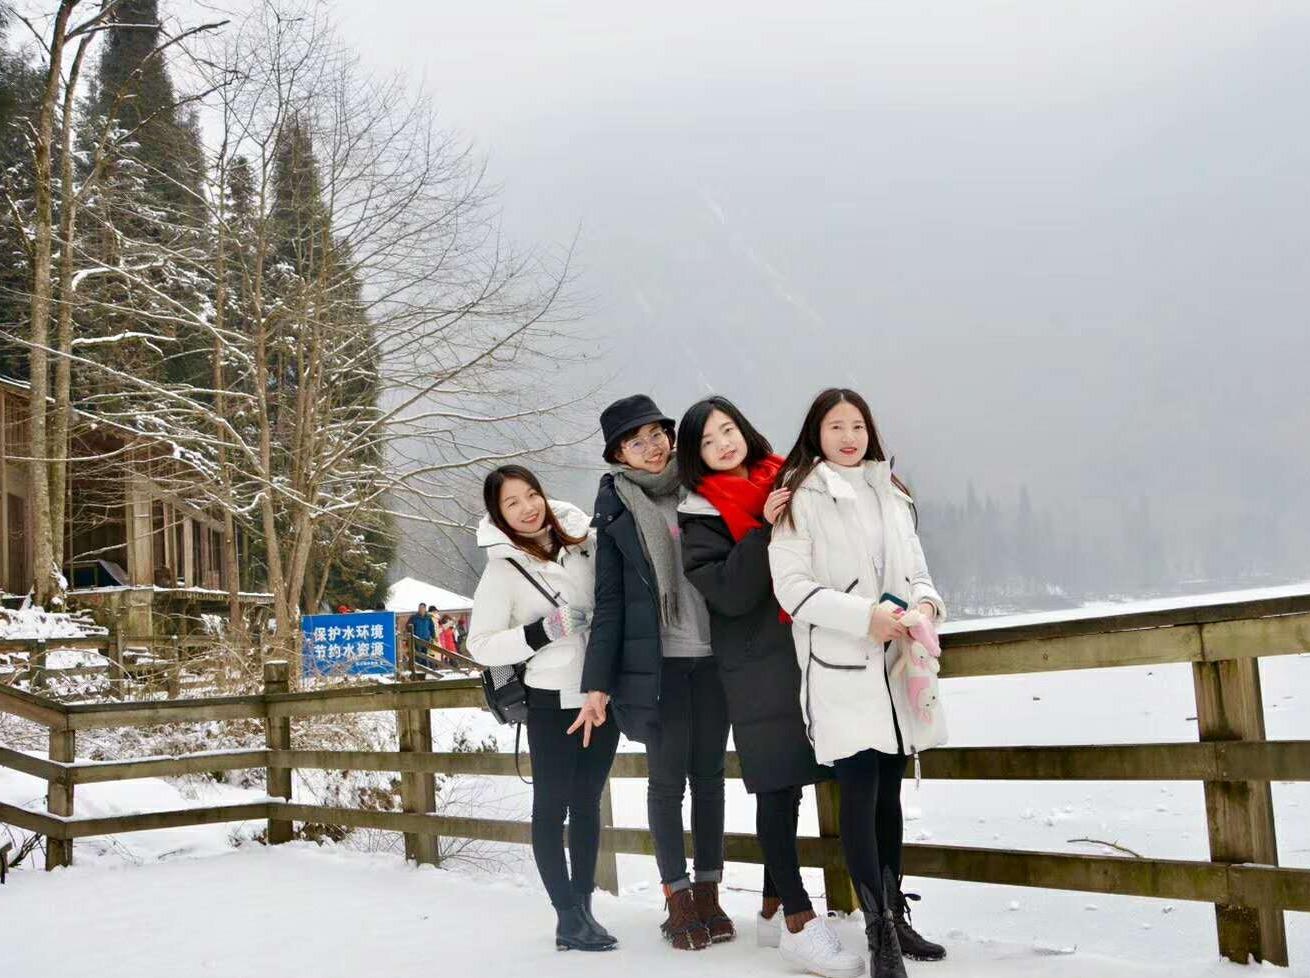 龙池   02月03号,打雪仗,雪地奔跑